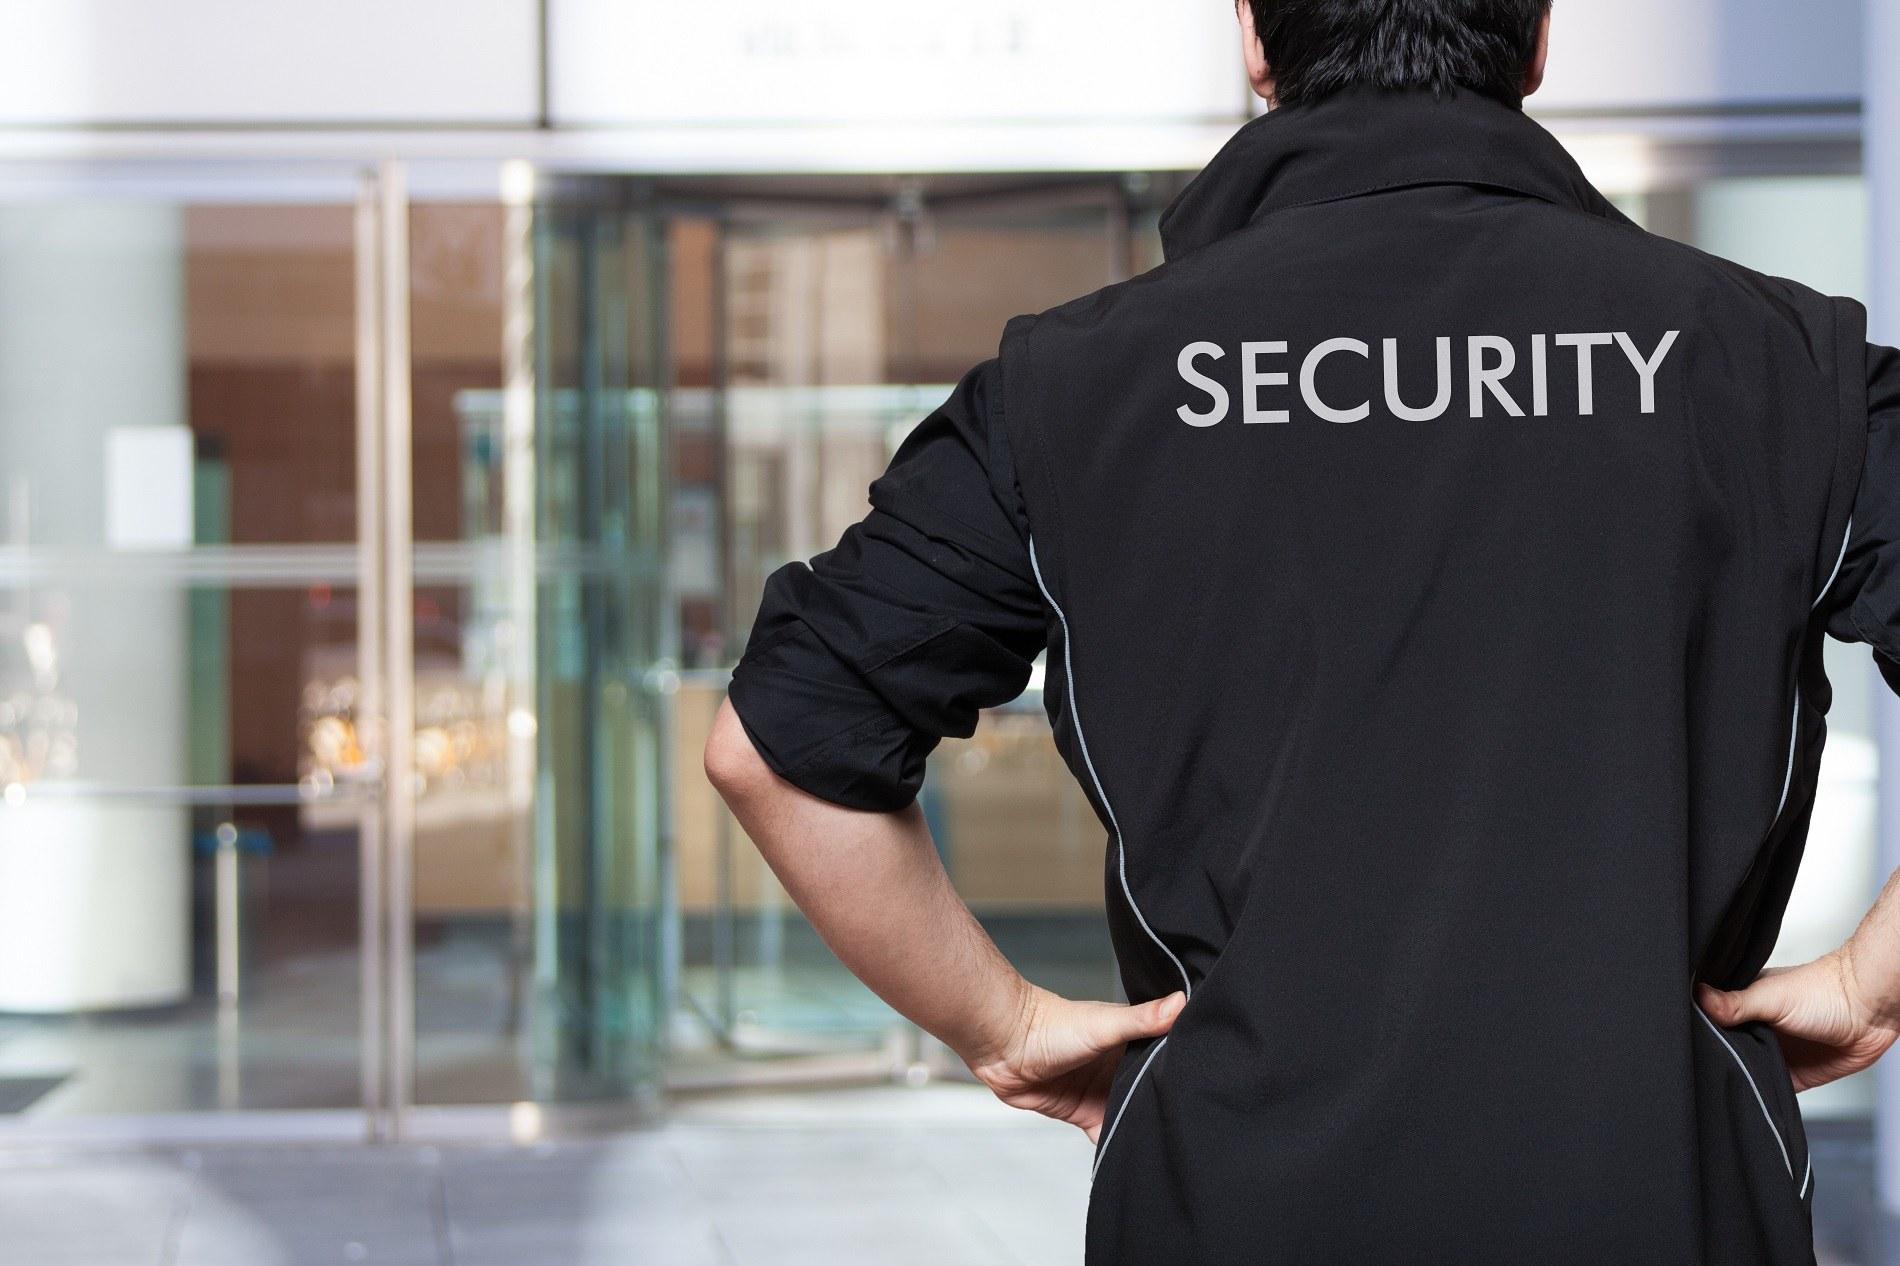 Sicherheitsdienst München Objektschutz Wachdienst Wachschutz Security Doorman